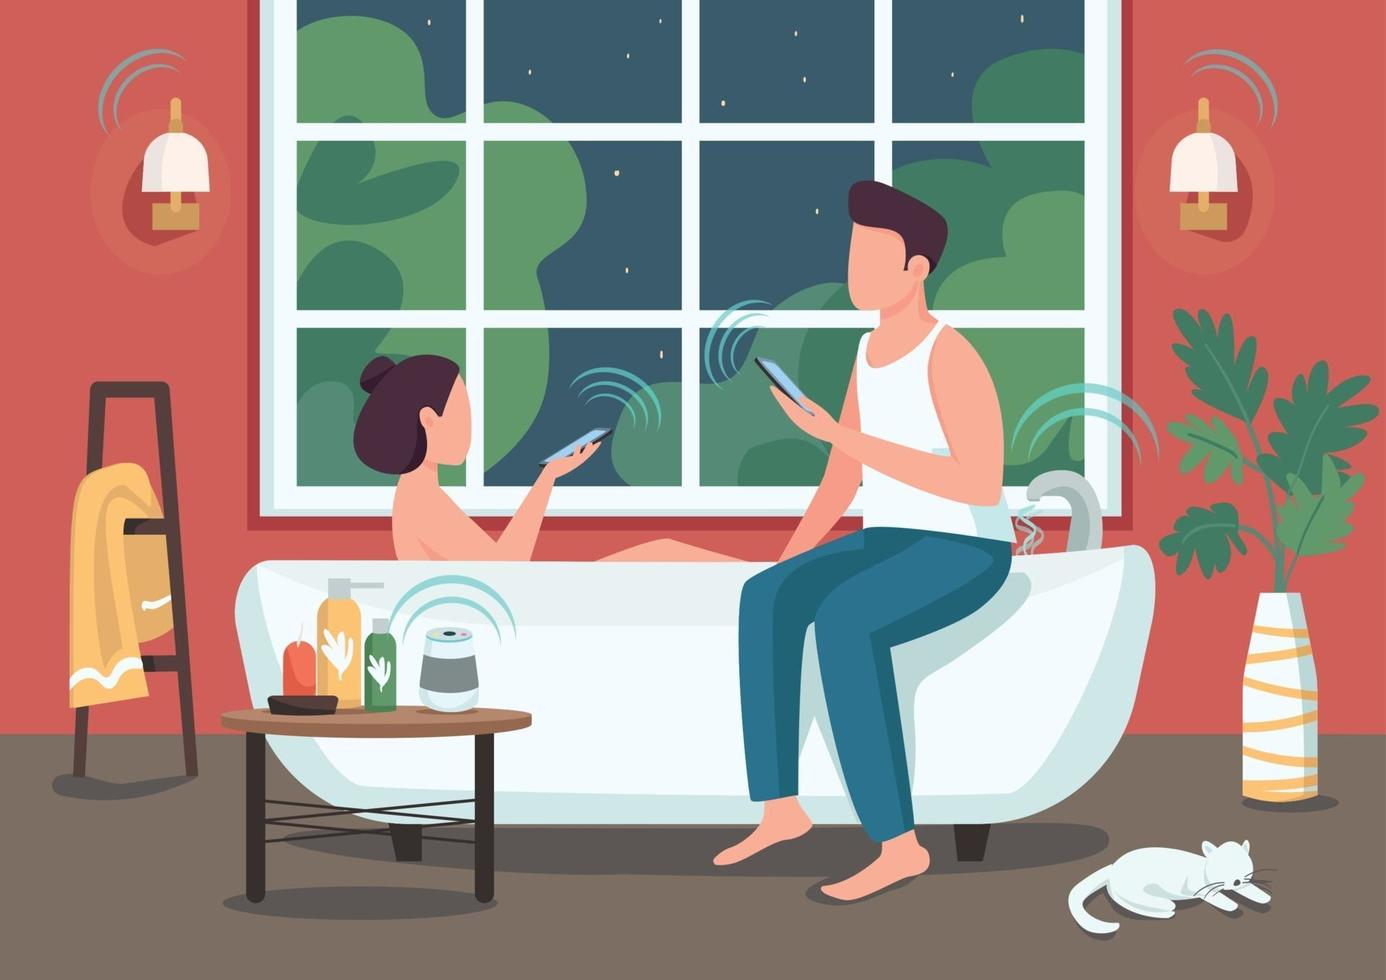 pareja en la ilustración de vector de color plano de baño inteligente. personas que controlan electrodomésticos de forma remota con teléfonos inteligentes. Hombre y mujer joven personajes de dibujos animados en 2d con baño automatizado en el fondo